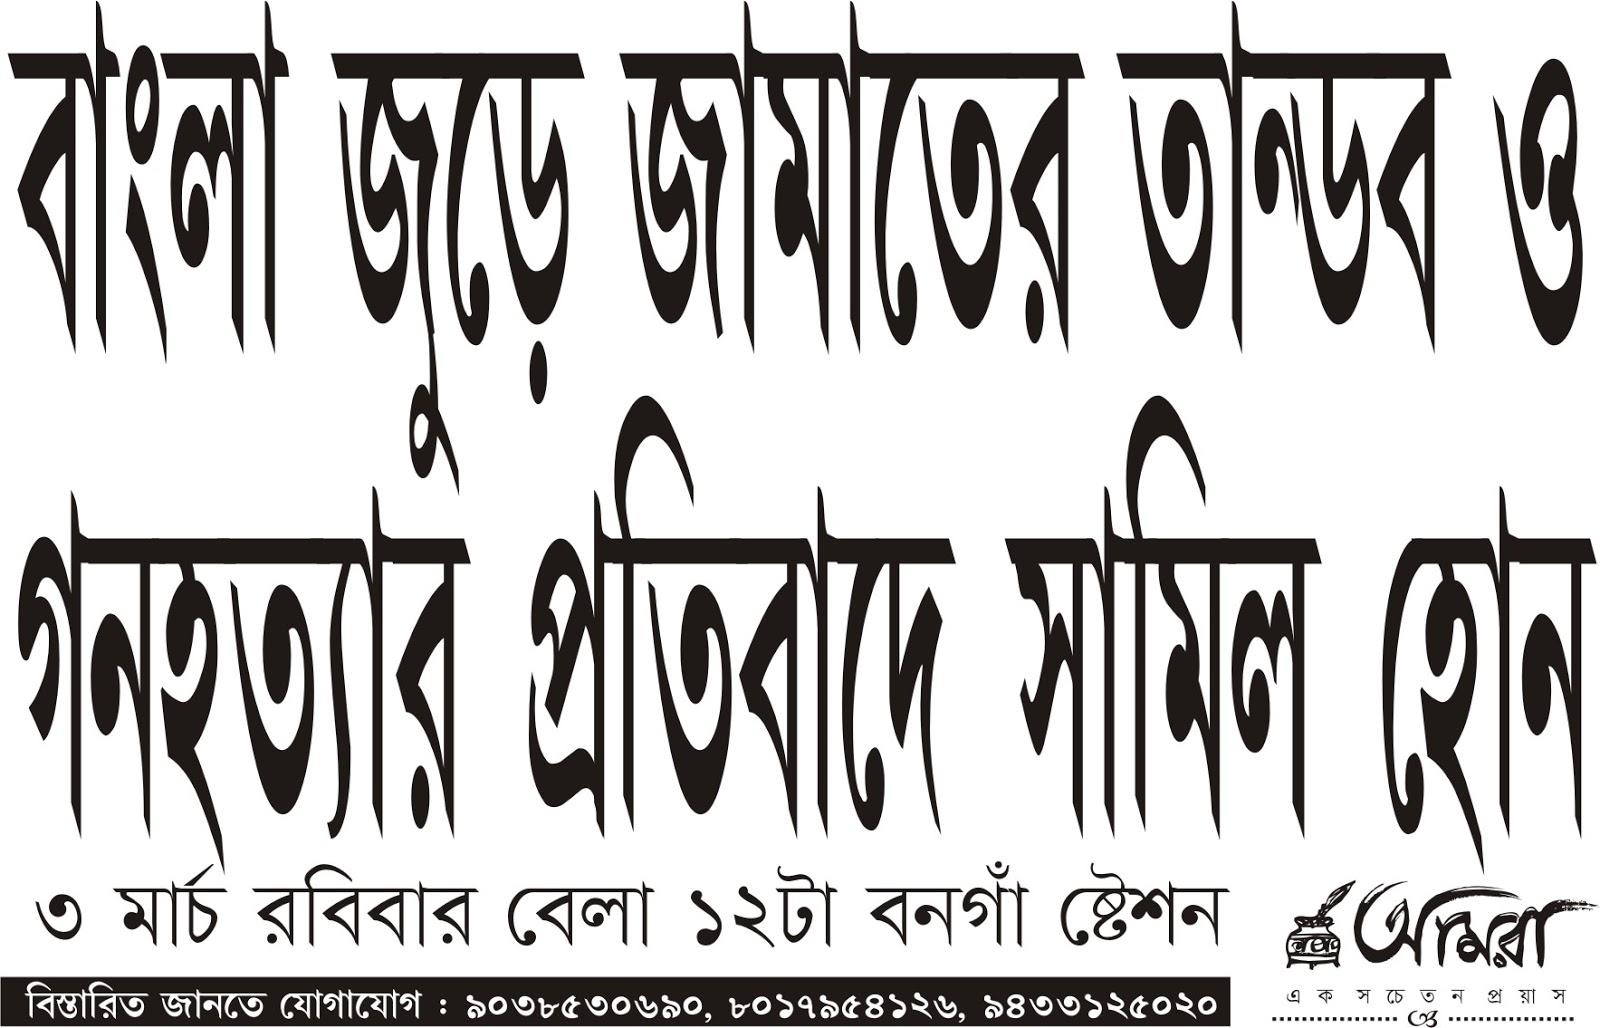 Aamra Ek Sachetan Prayas: সাহাবাগ সংহতি পোষ্টার